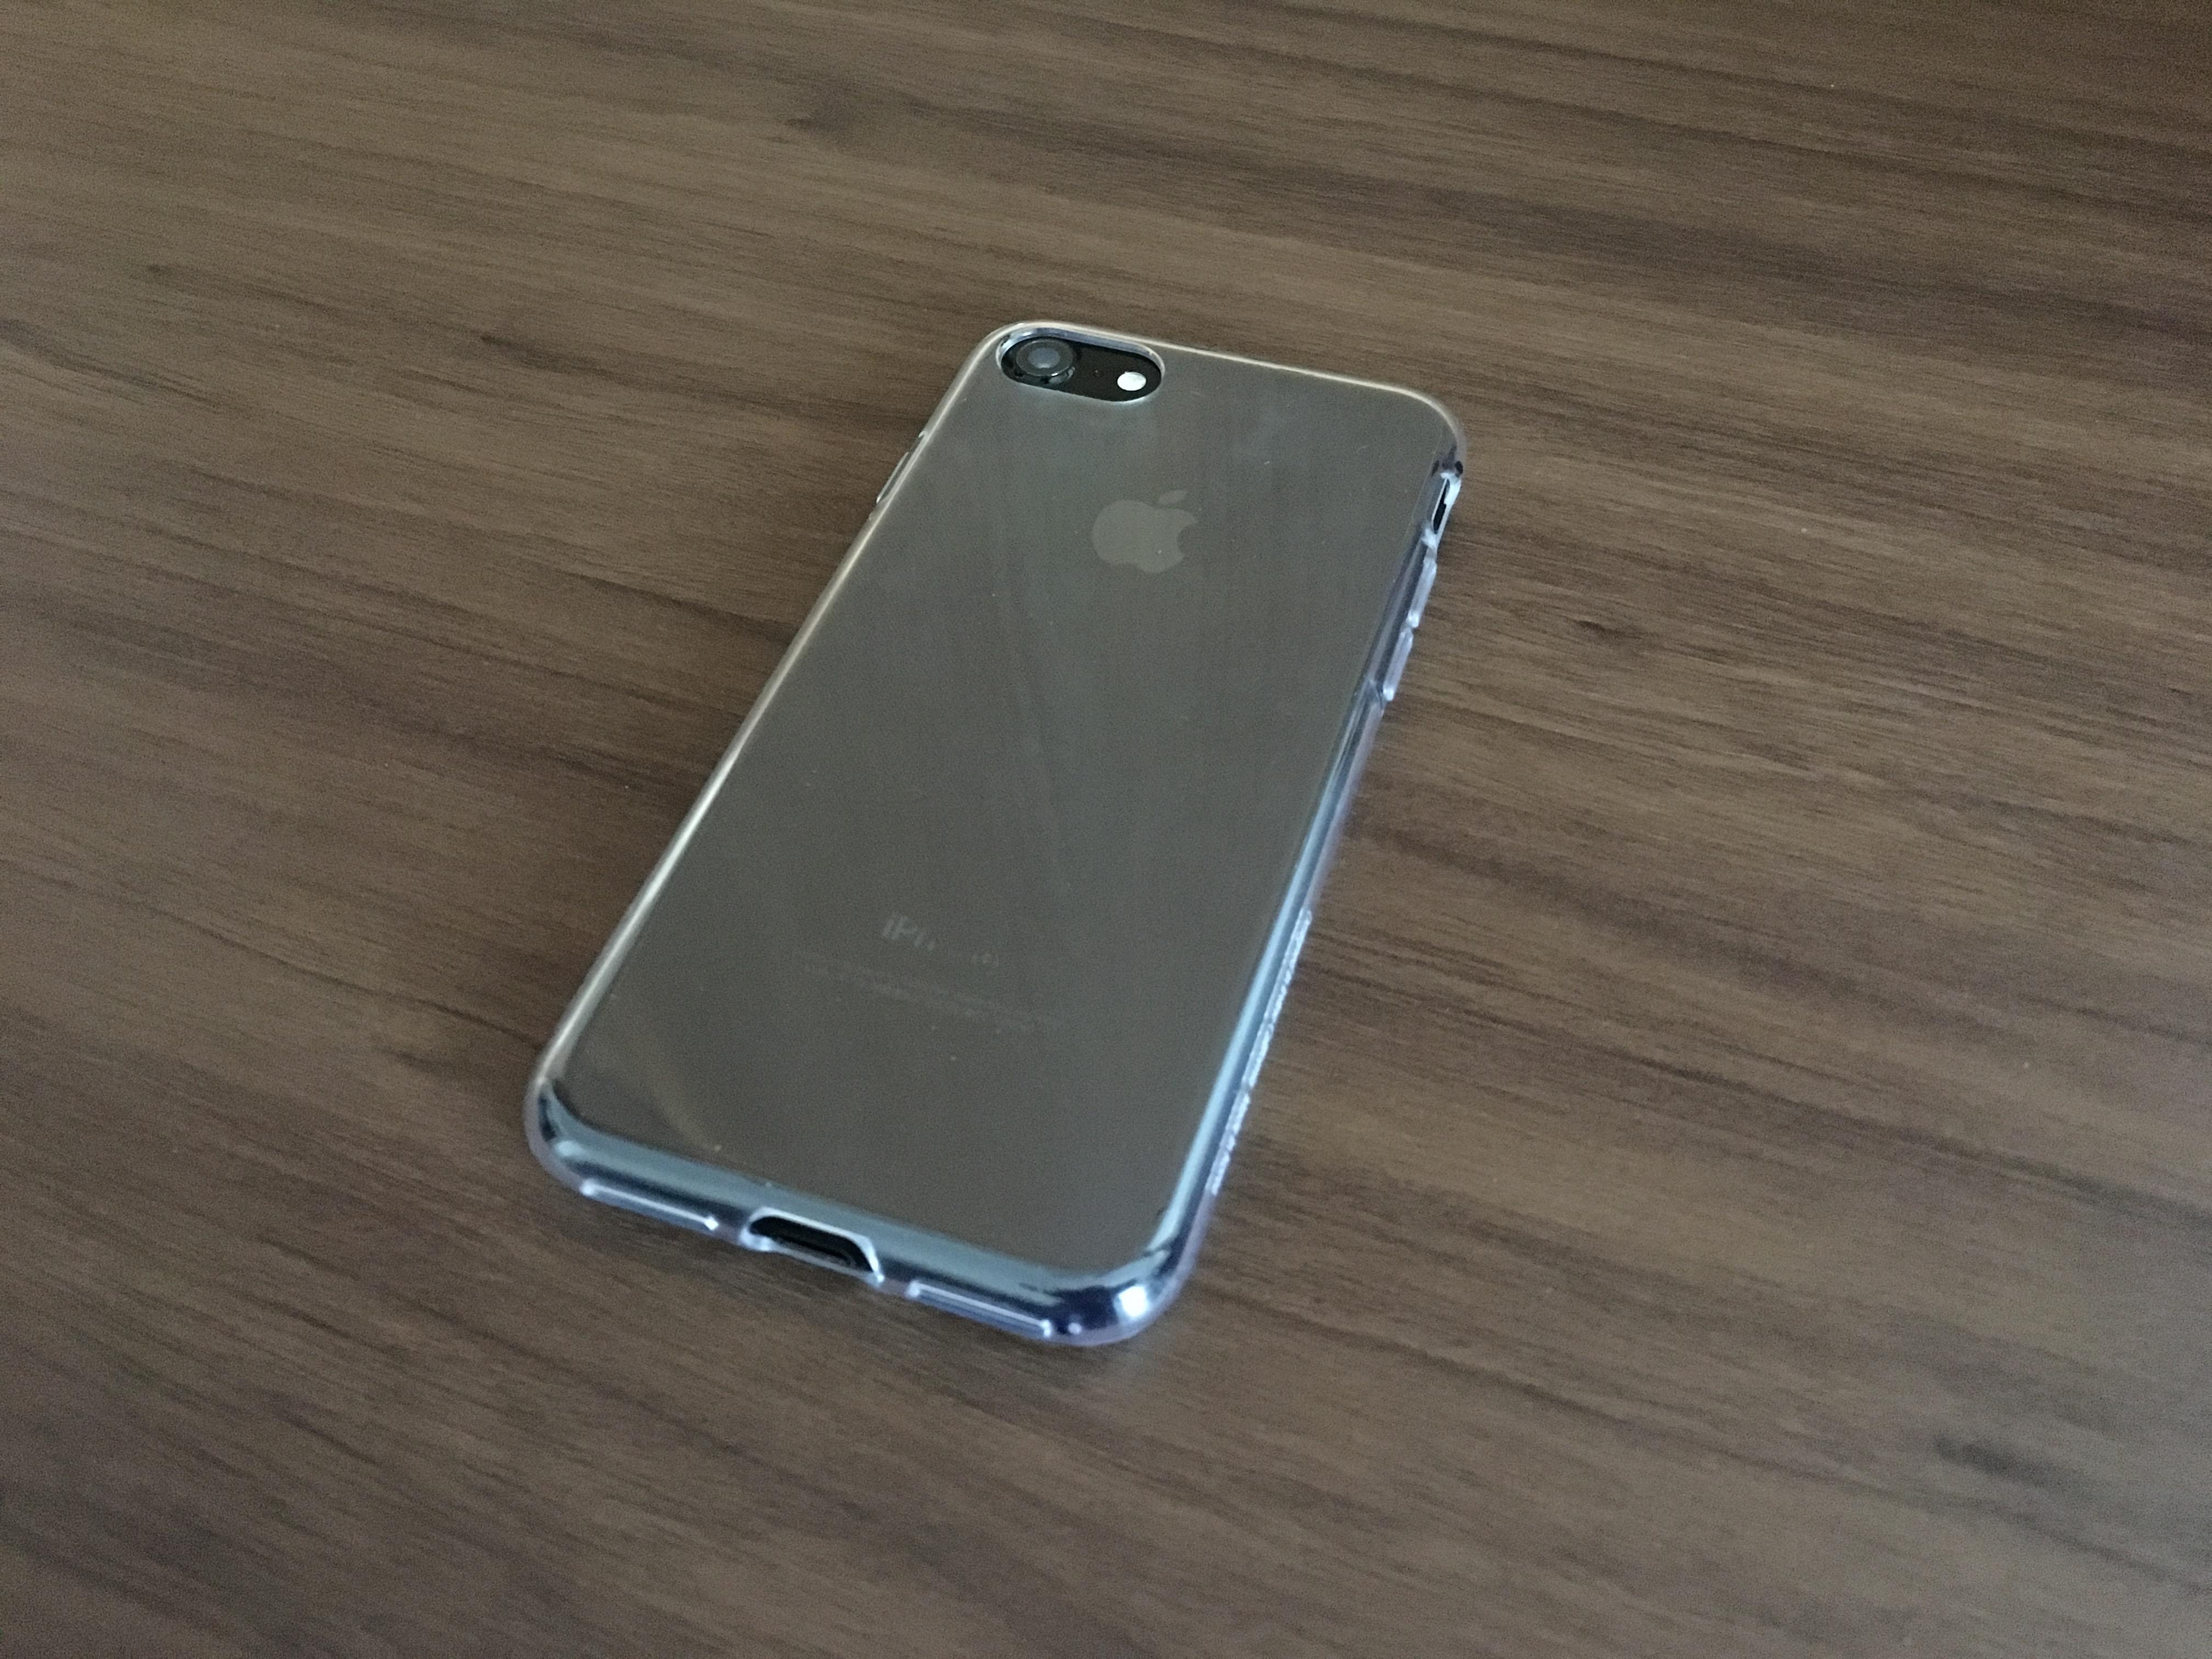 ae8874d39a Spigen リキッドクリスタルをiPhone 7 ジェットブラックに装着。(クリアケースって撮影難しいですね)